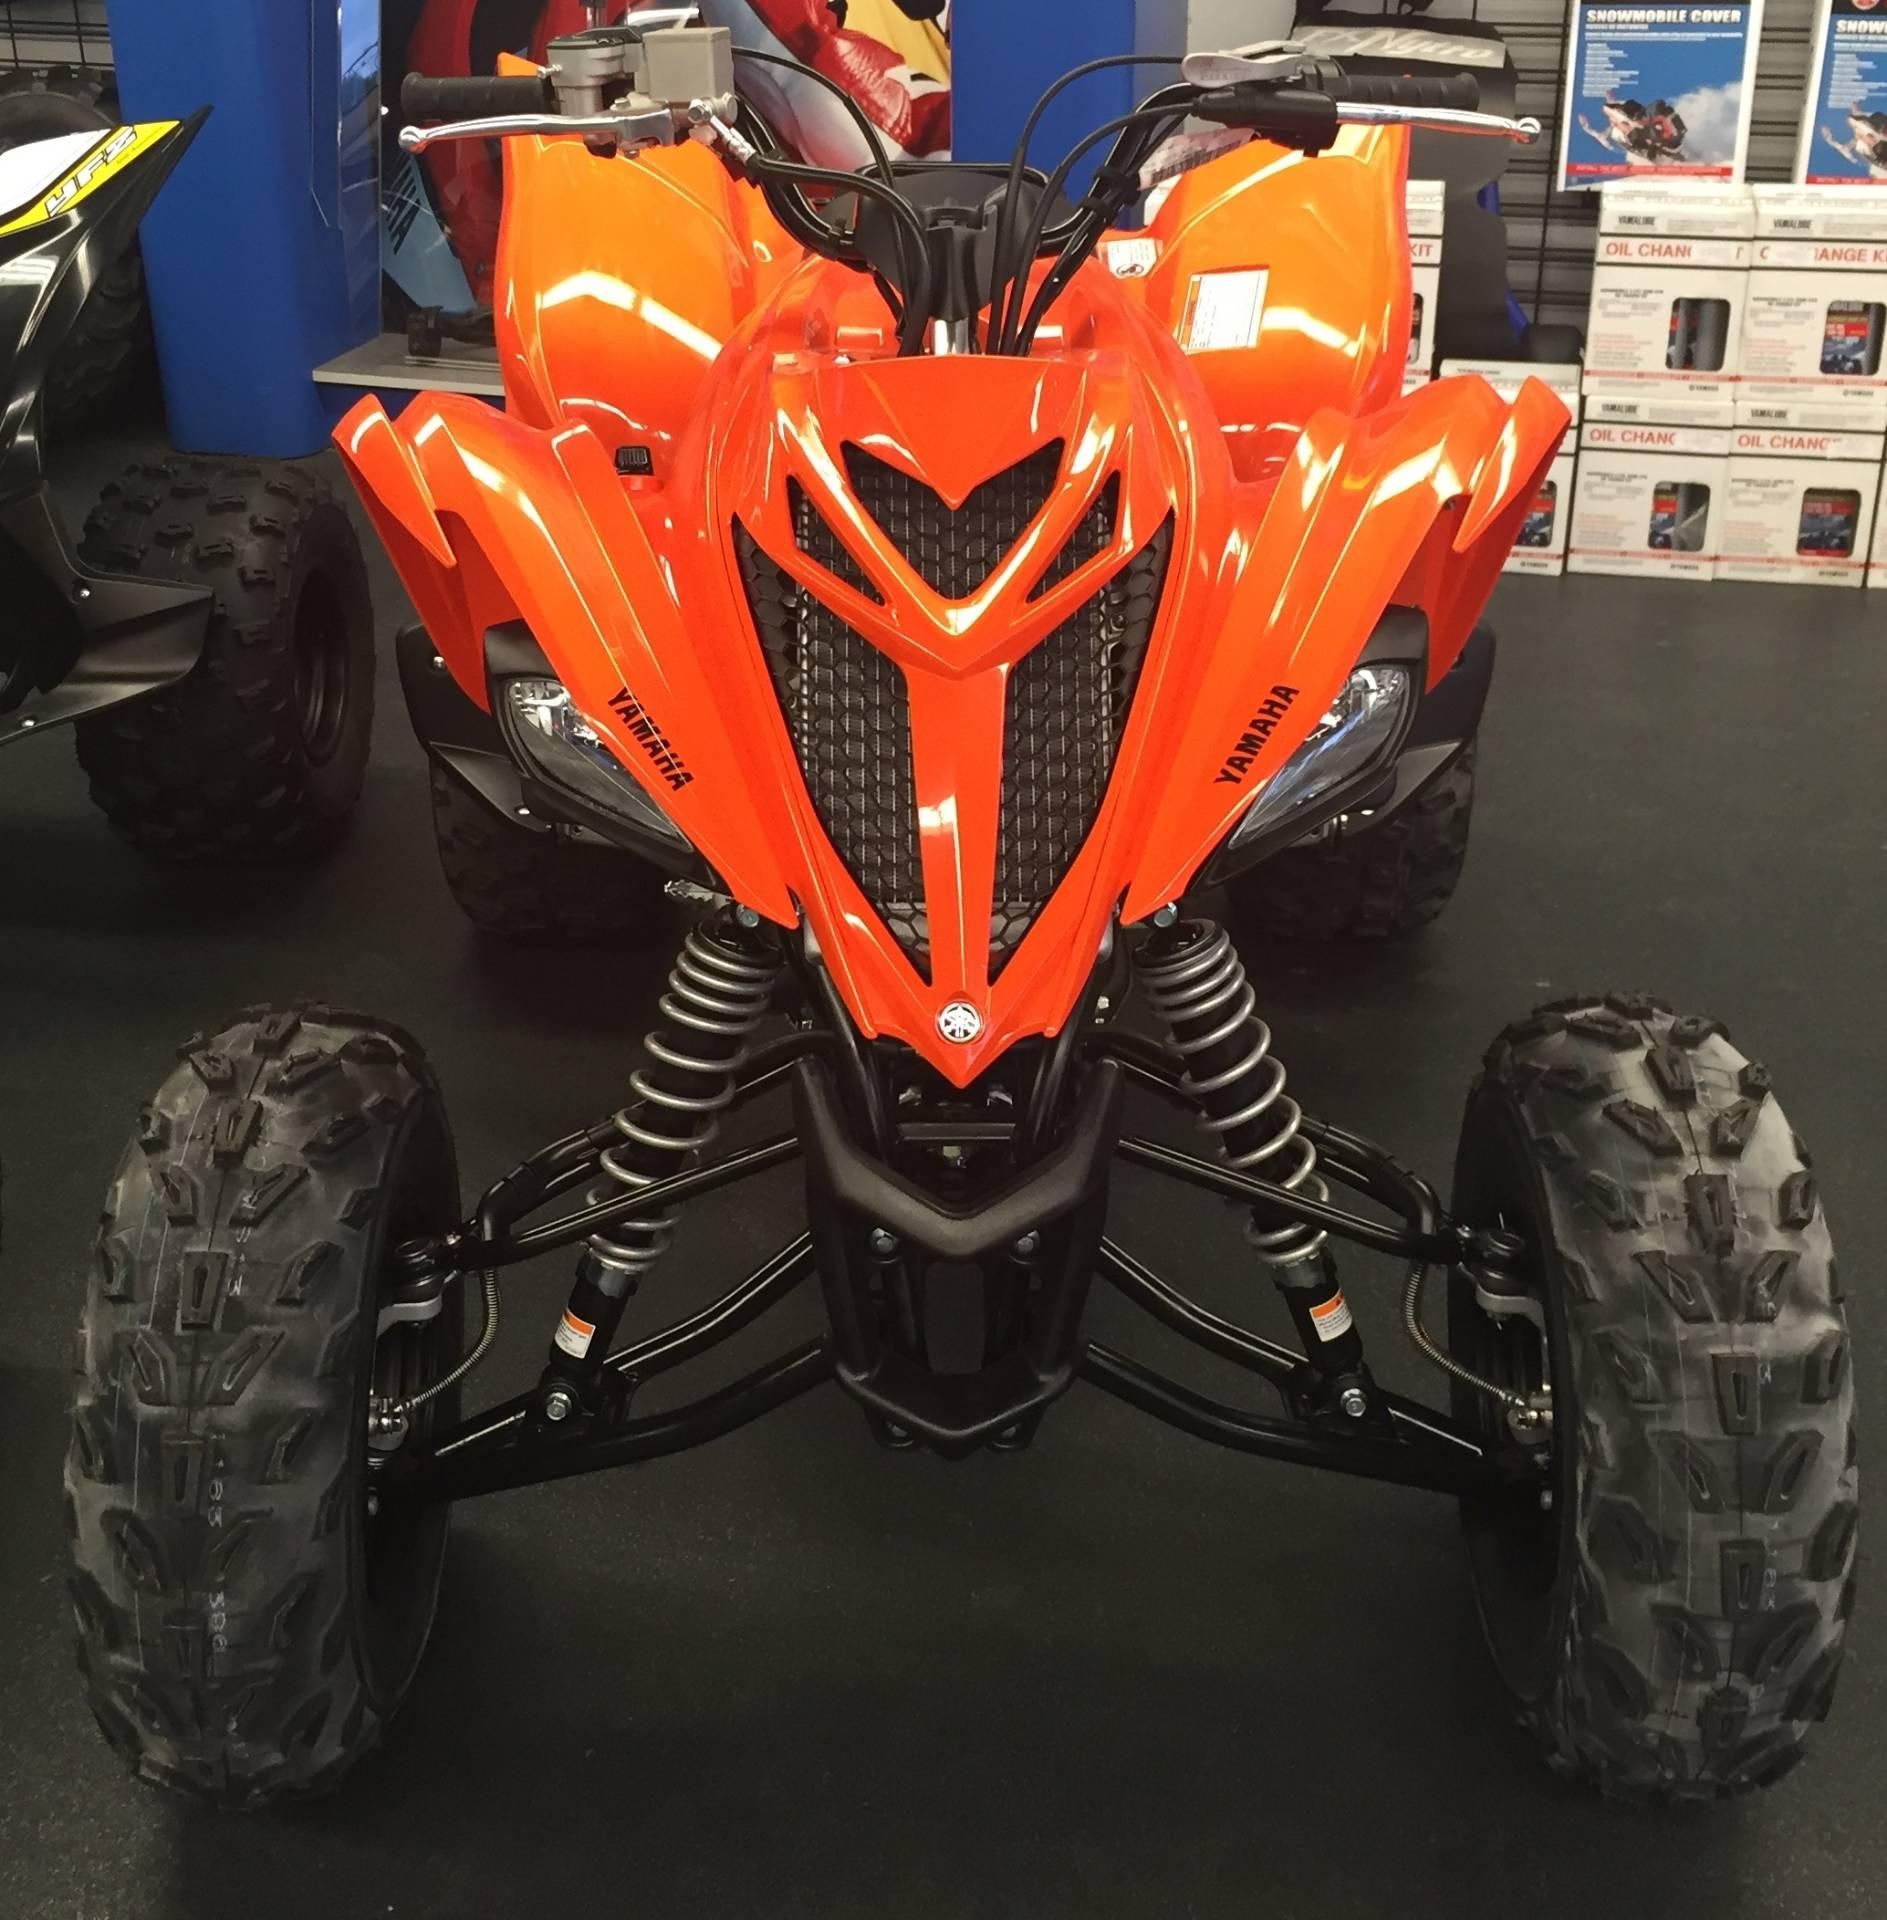 2017 Yamaha Raptor 700 2